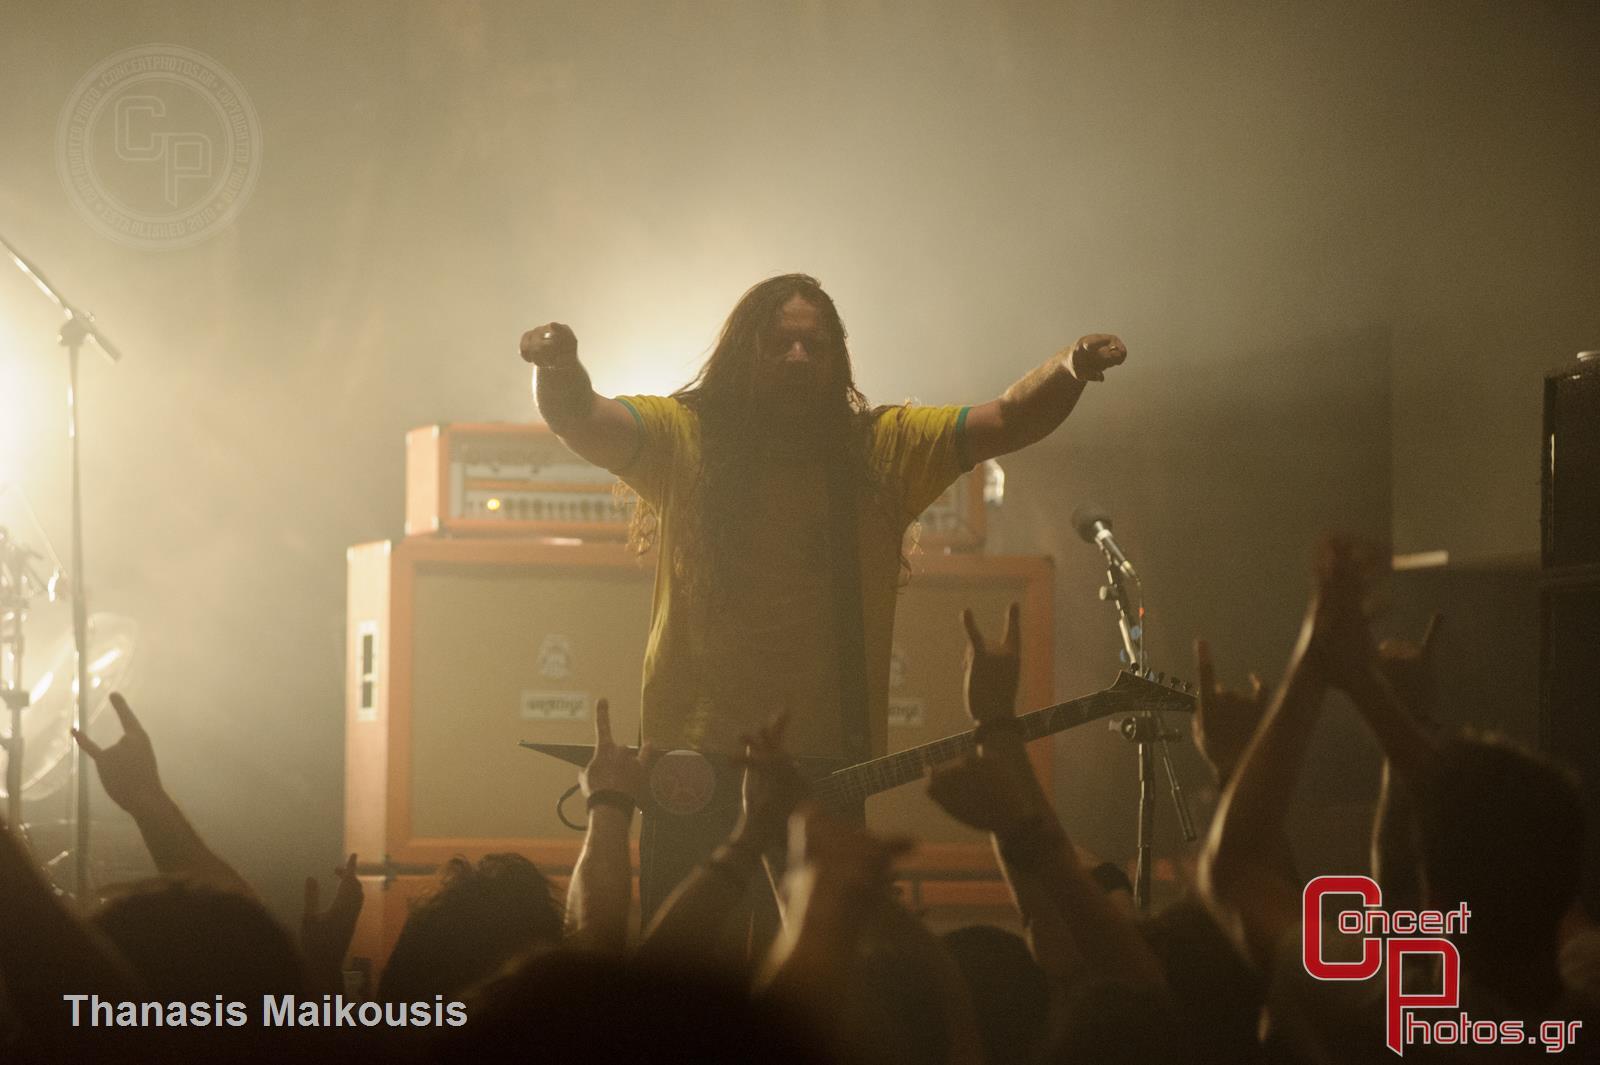 Sepultura-Sepultira photographer: Thanasis Maikousis - concertphotos_20140703_22_42_33